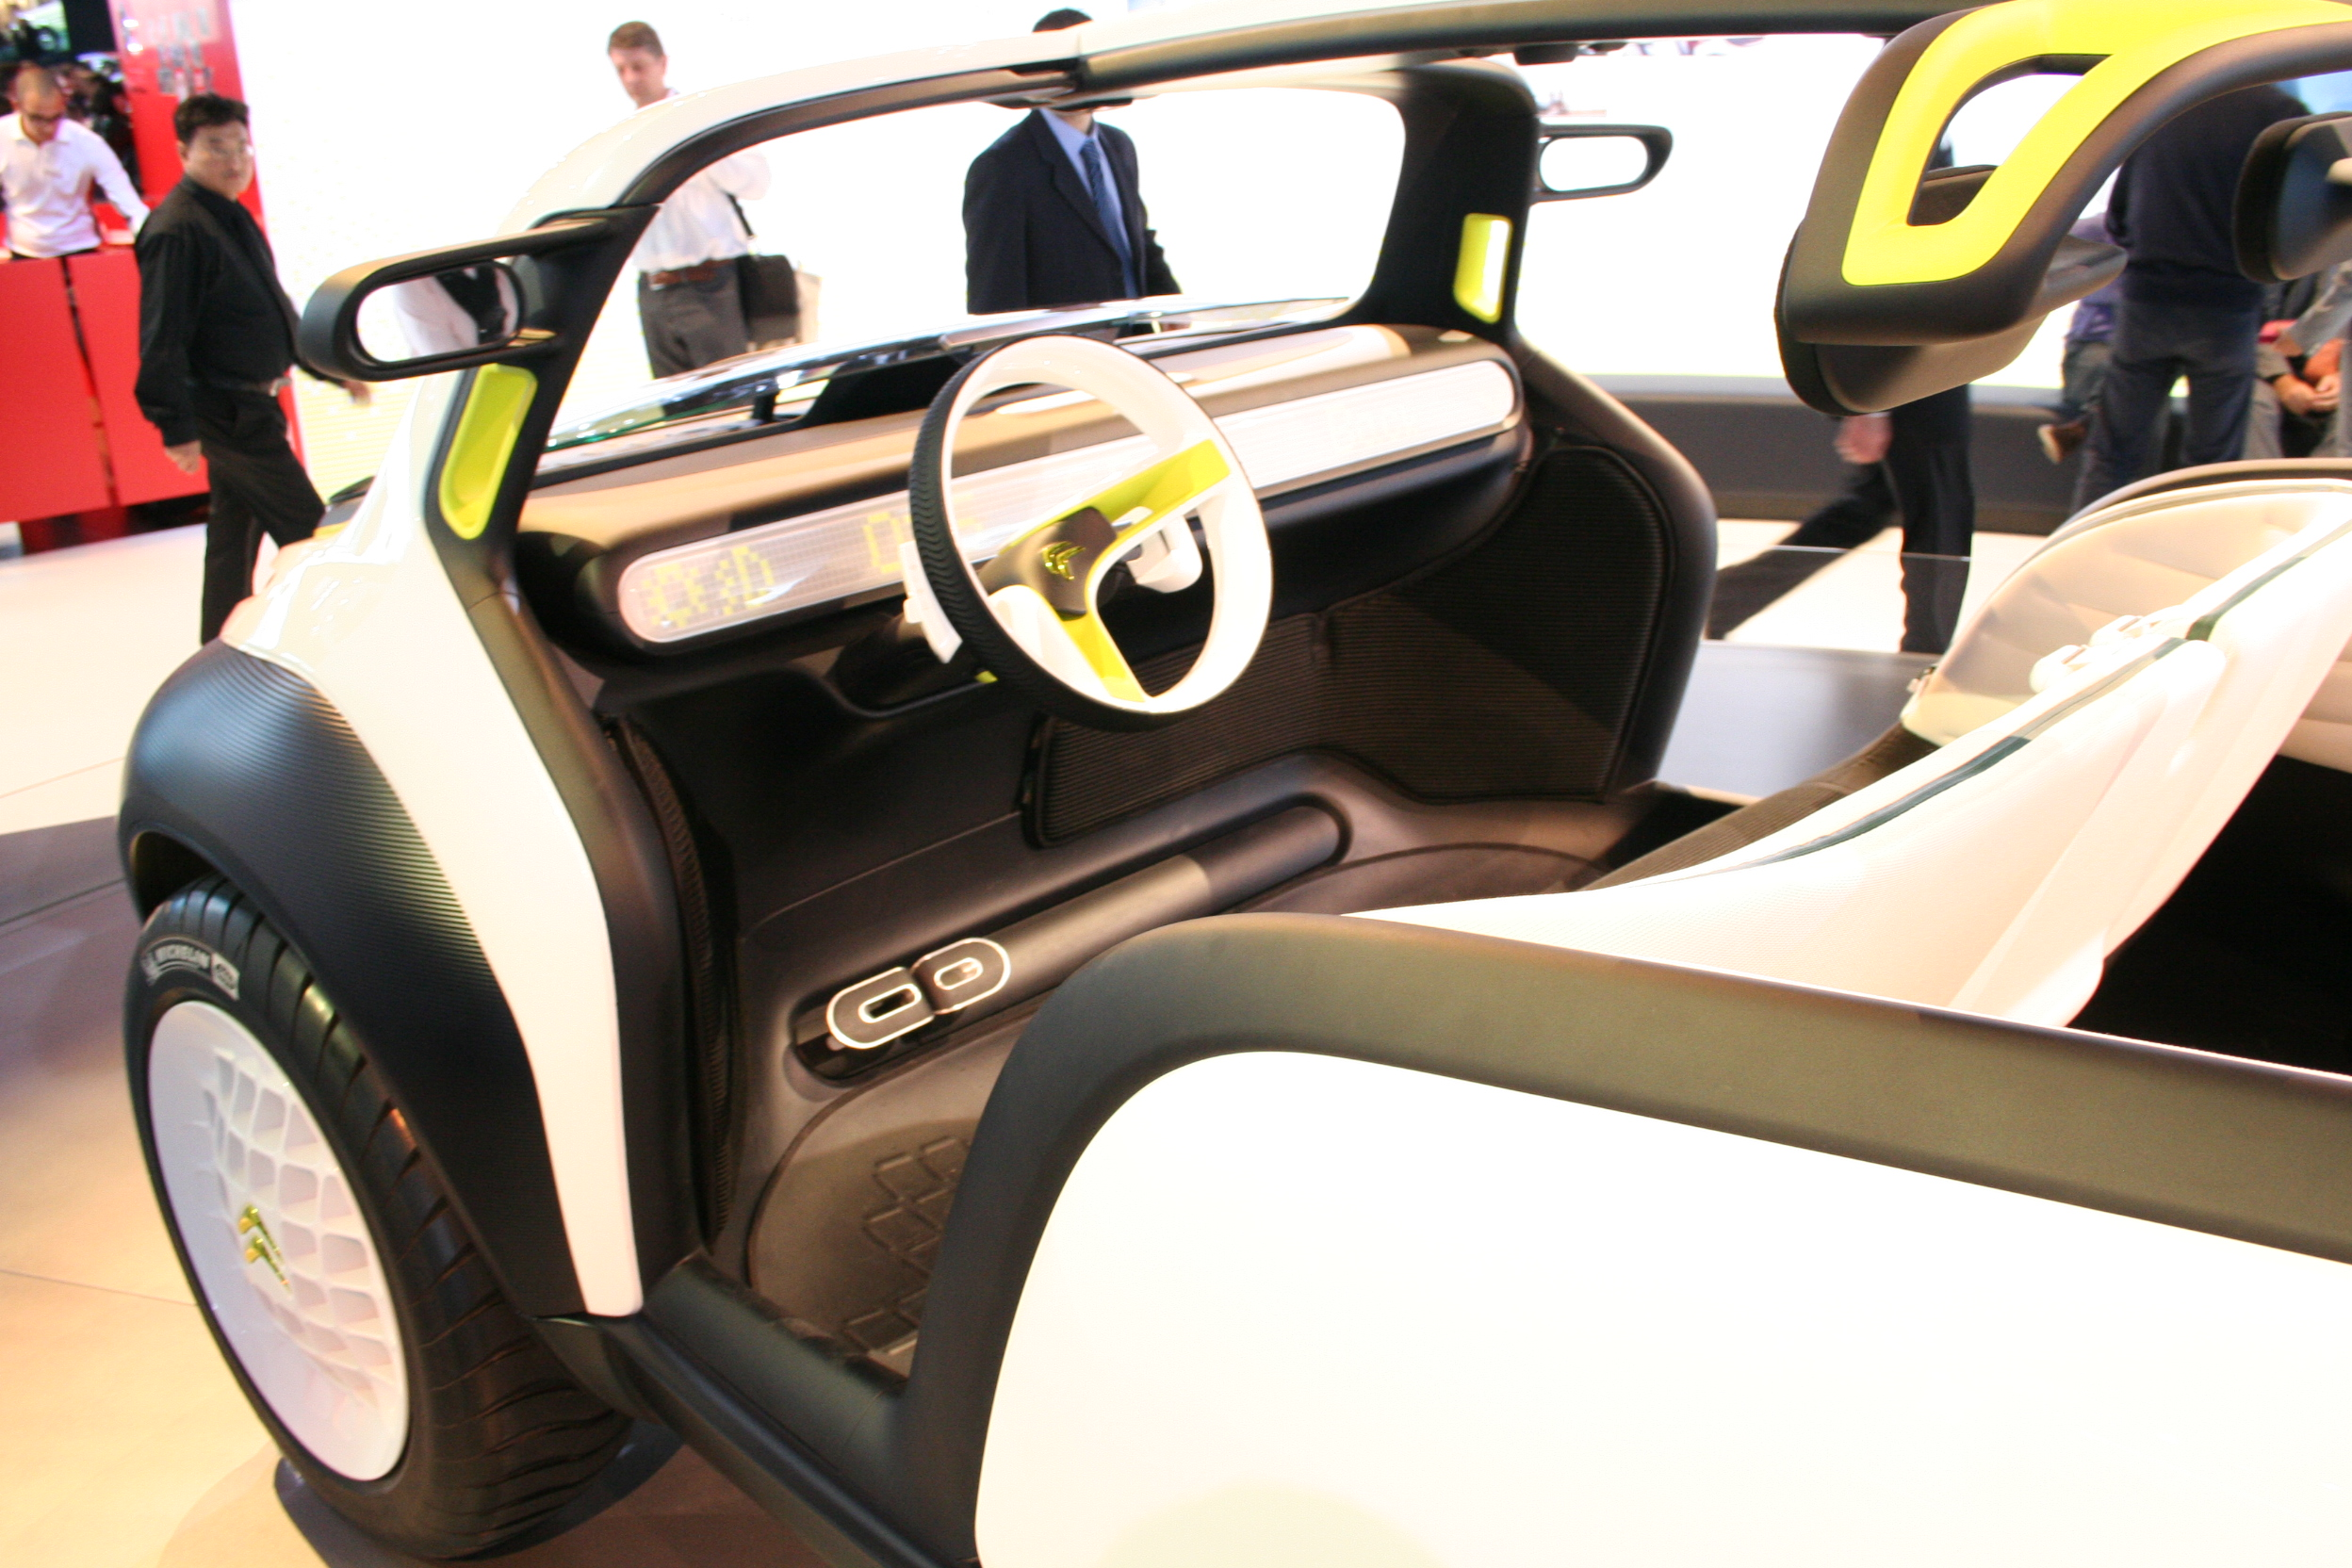 Citroen lacoste concept 2010 au salon mondial de l automobile 2010 citroen lacoste concept 2010 citroen lacoste concept 2010 vanachro Images